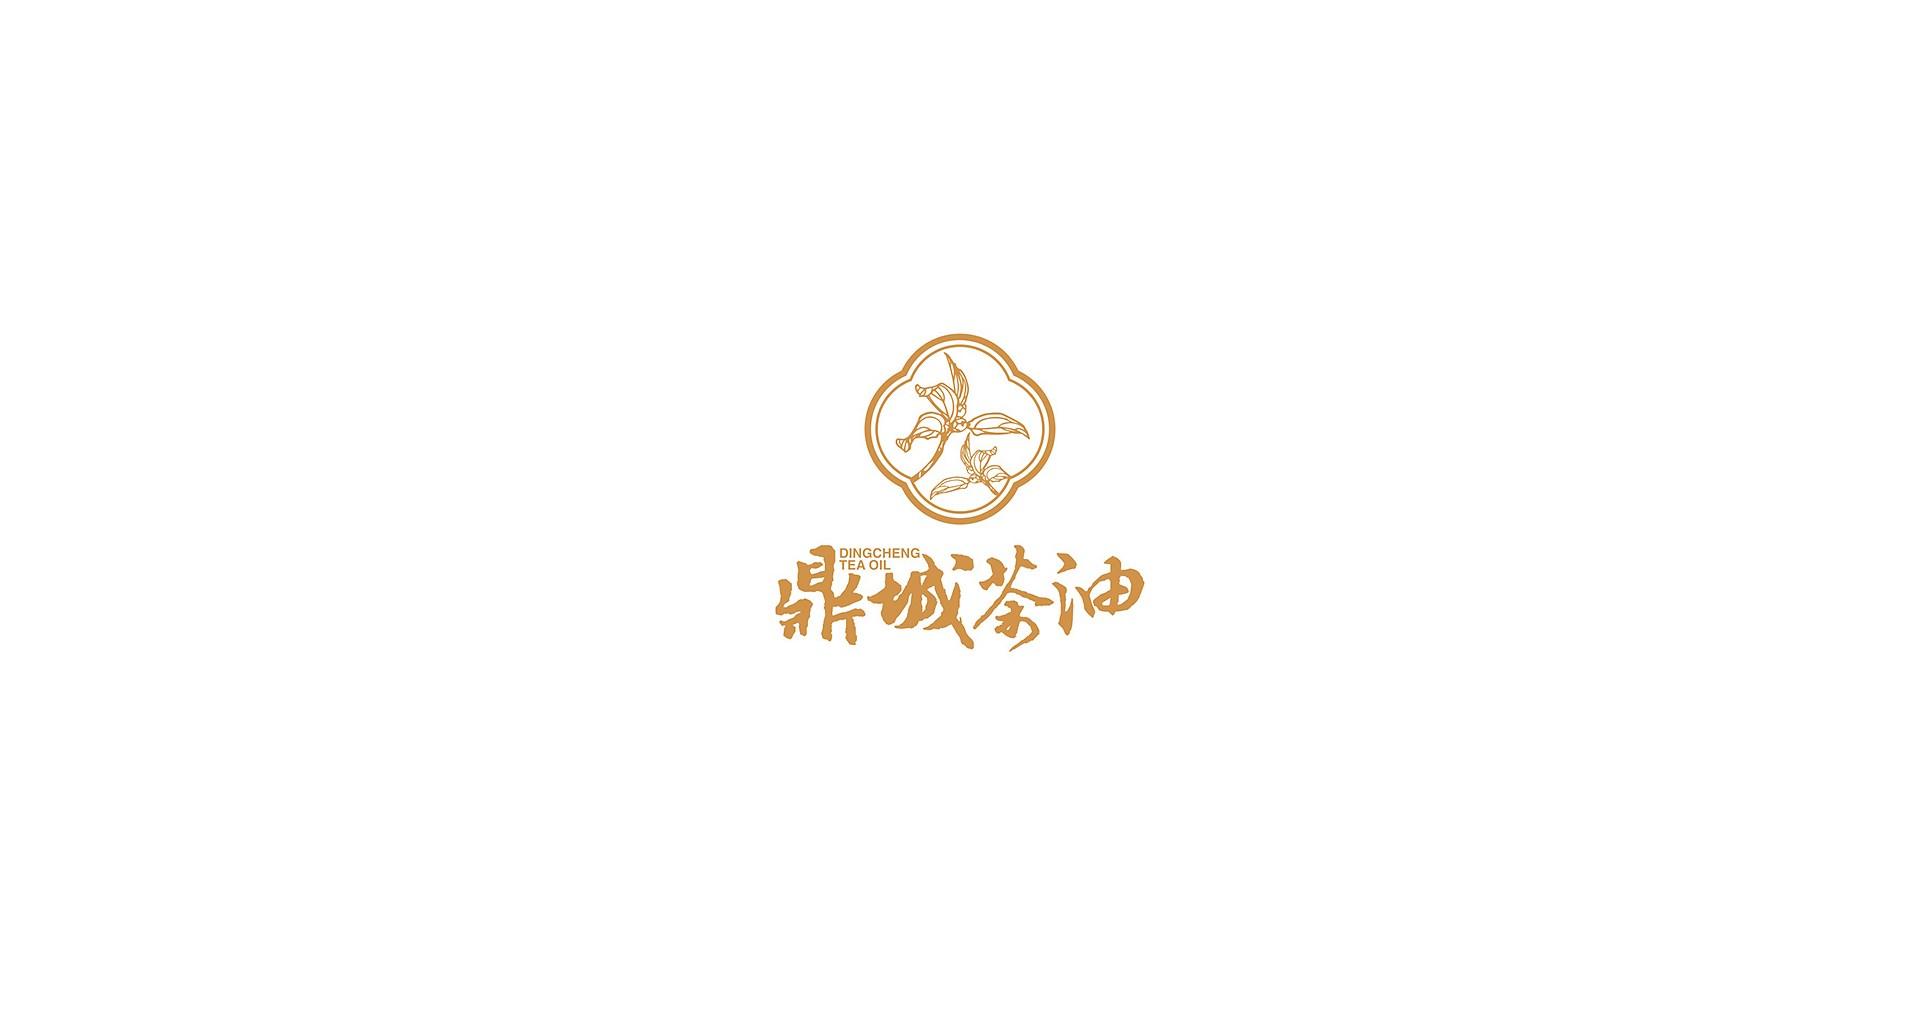 鼎城茶油_0004.JPG